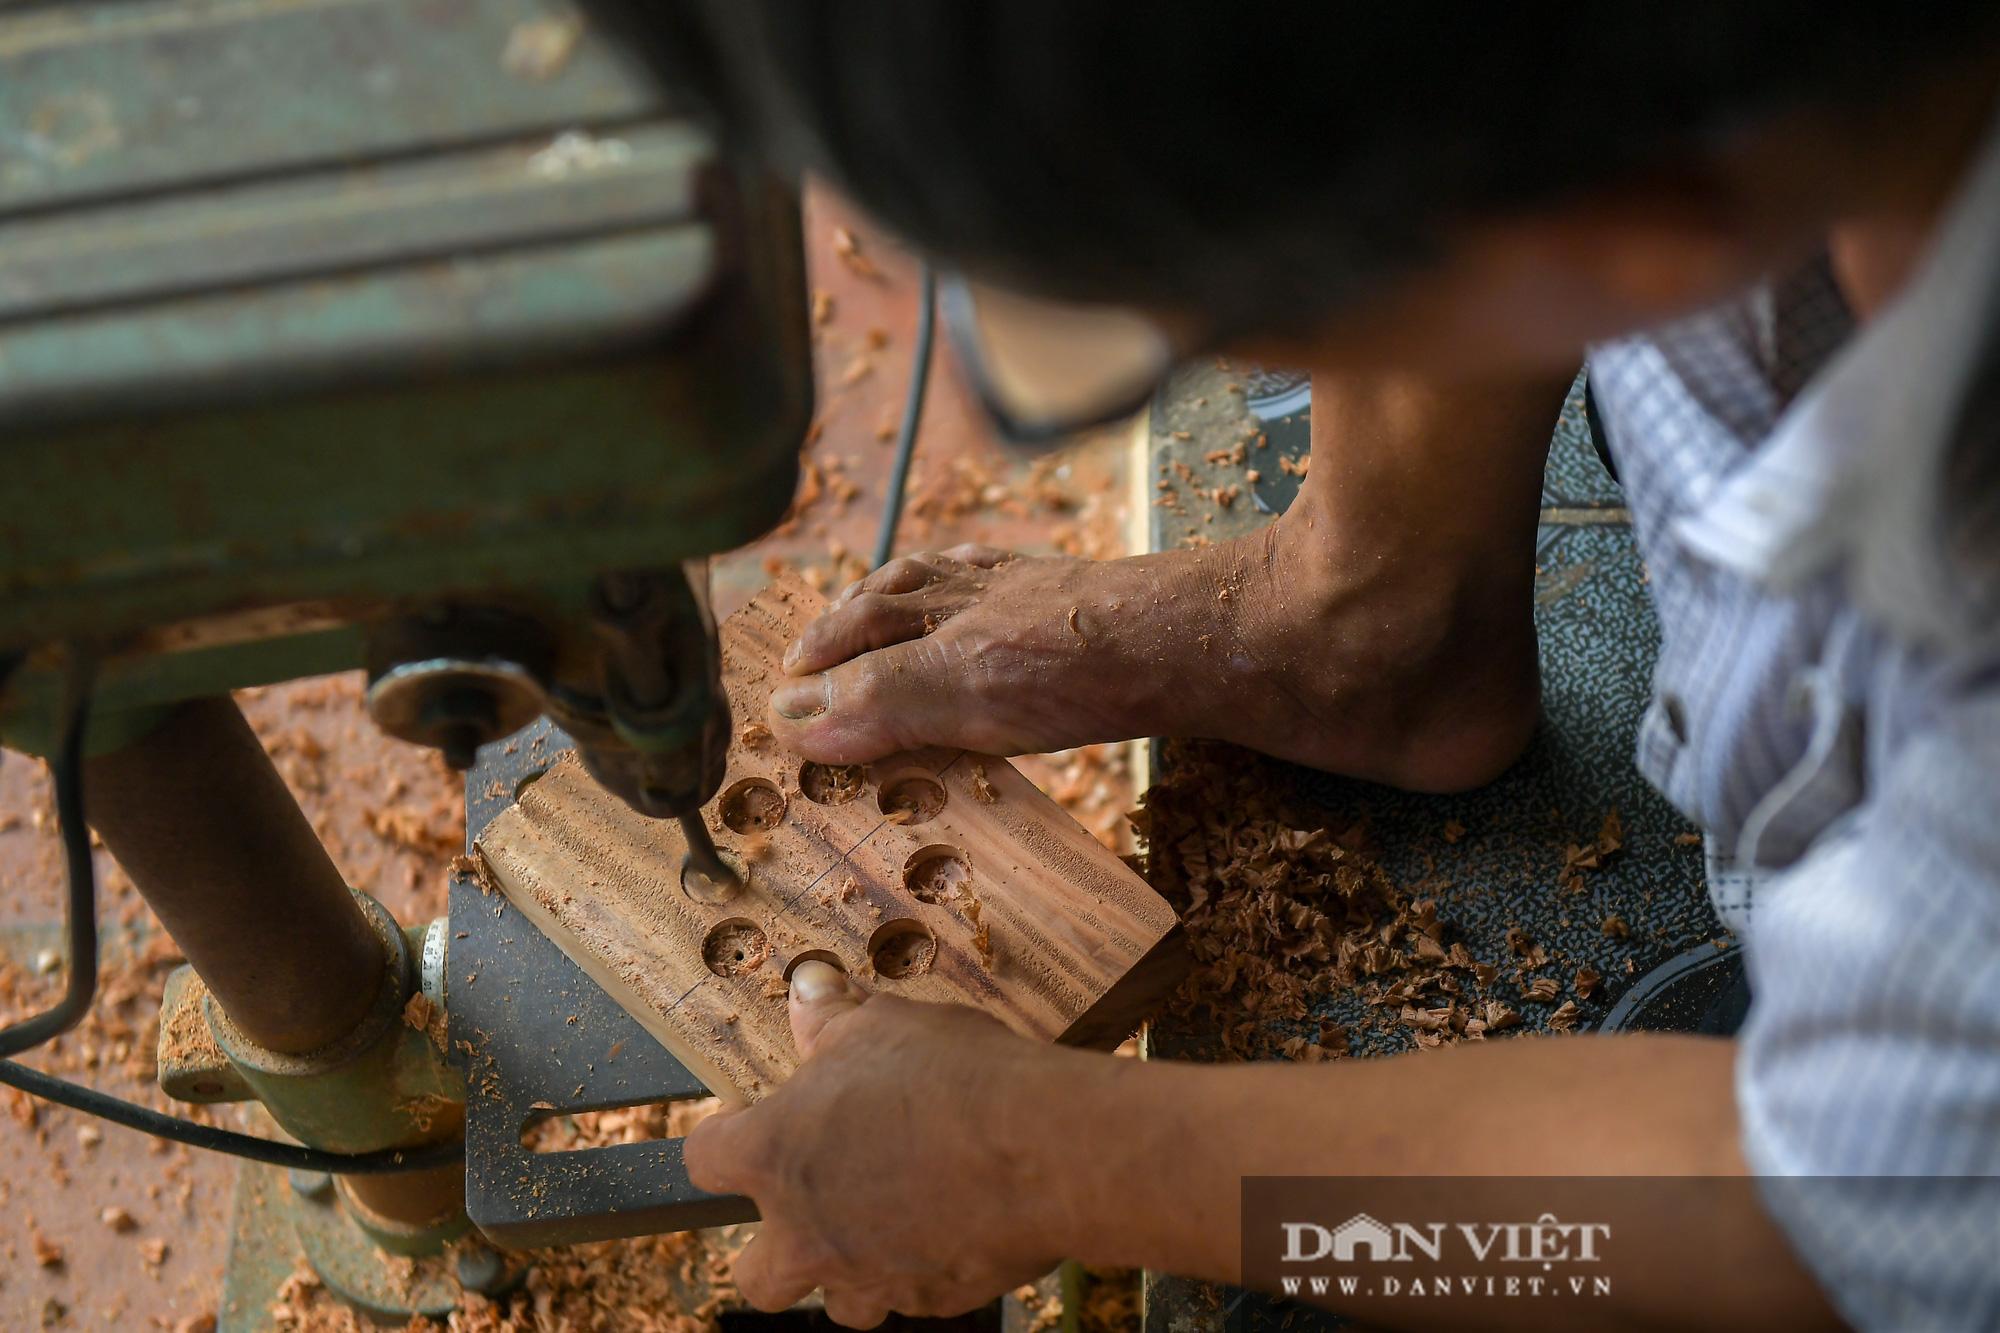 Chiêm ngưỡng kỹ năng điêu luyện của người đàn ông 40 năm làm khuôn bánh trung thu - Ảnh 6.